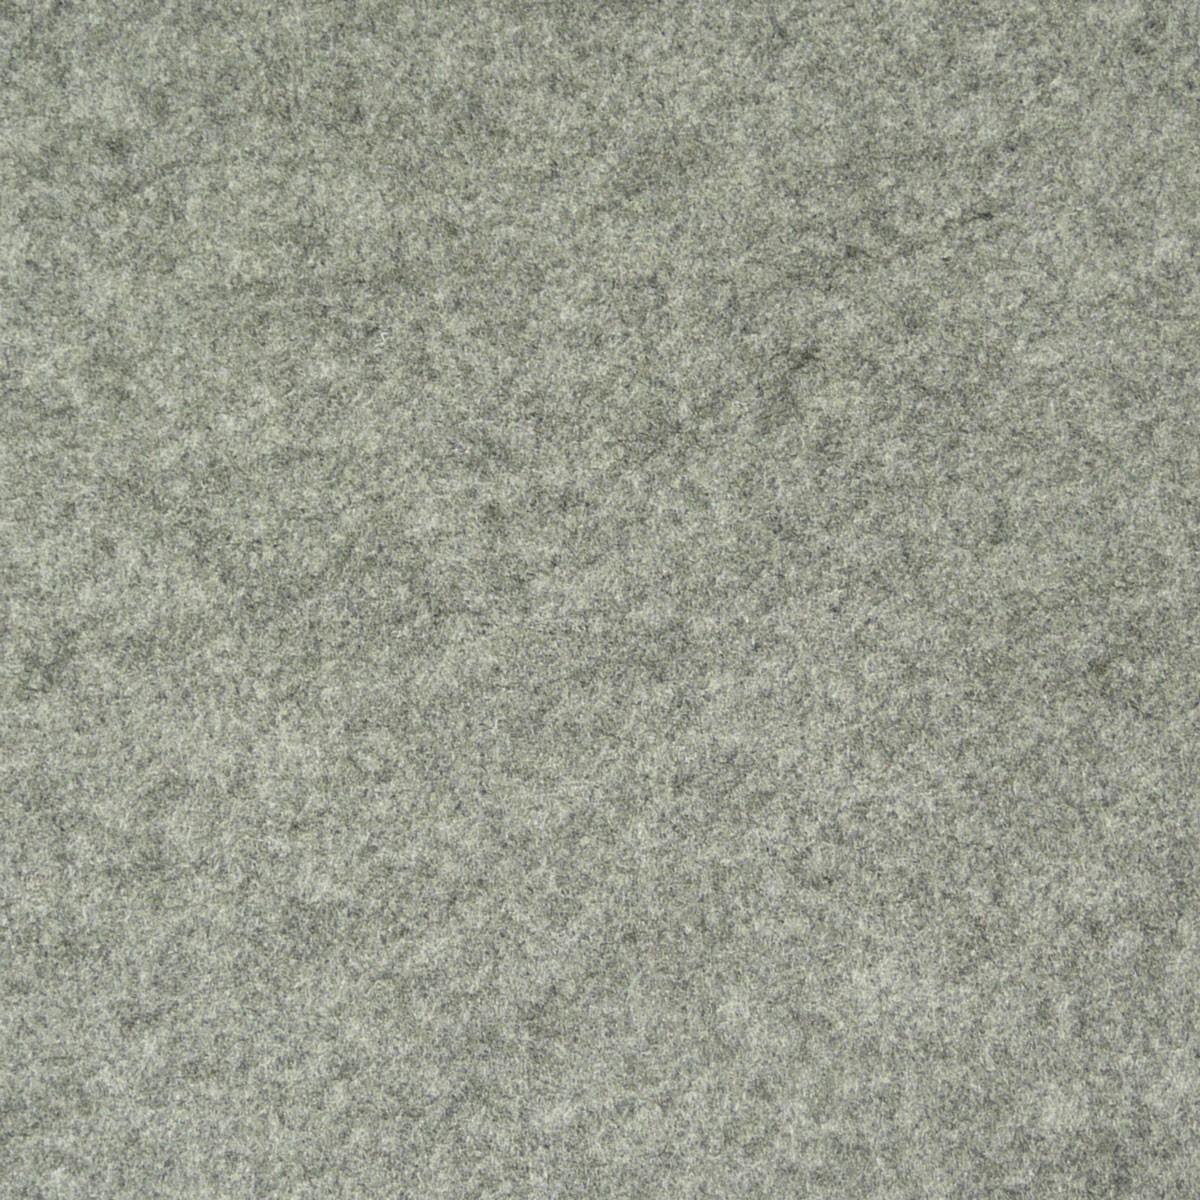 Kreativstoff Bastelfilz einfarbig hellgrau meliert 45cm Breite 4mm Stärke